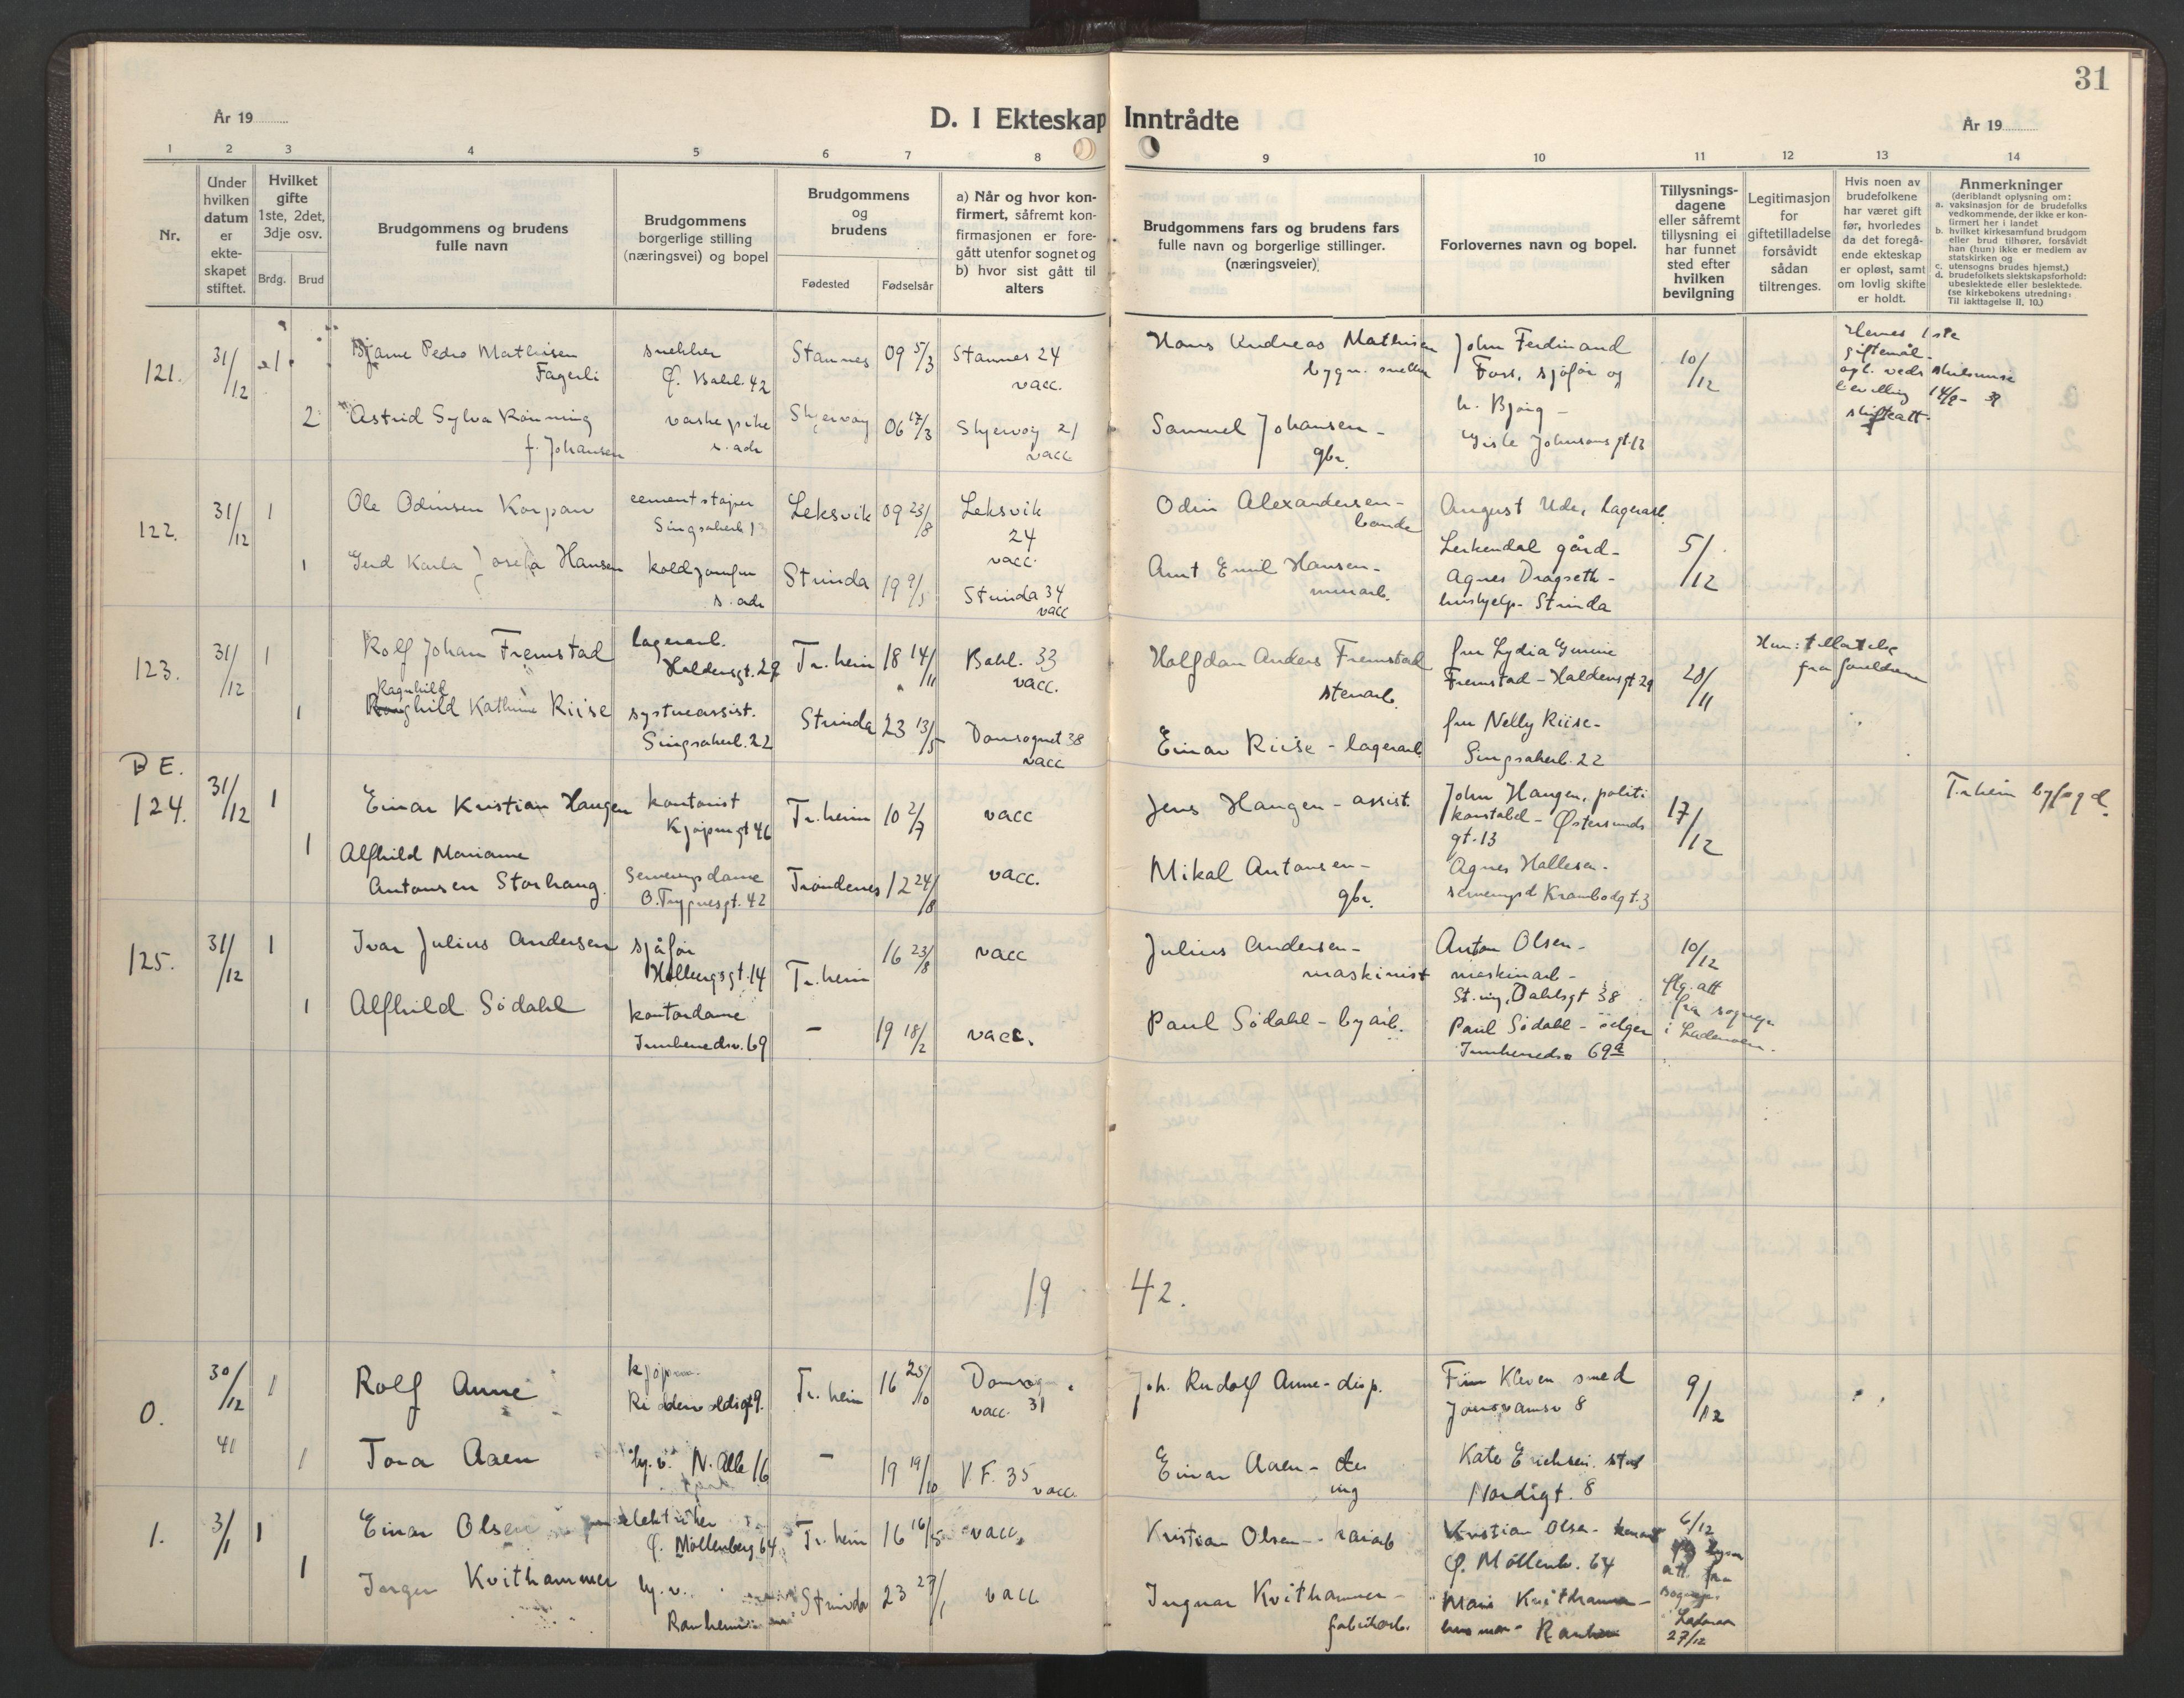 SAT, Ministerialprotokoller, klokkerbøker og fødselsregistre - Sør-Trøndelag, 602/L0154: Klokkerbok nr. 602C22, 1940-1947, s. 31